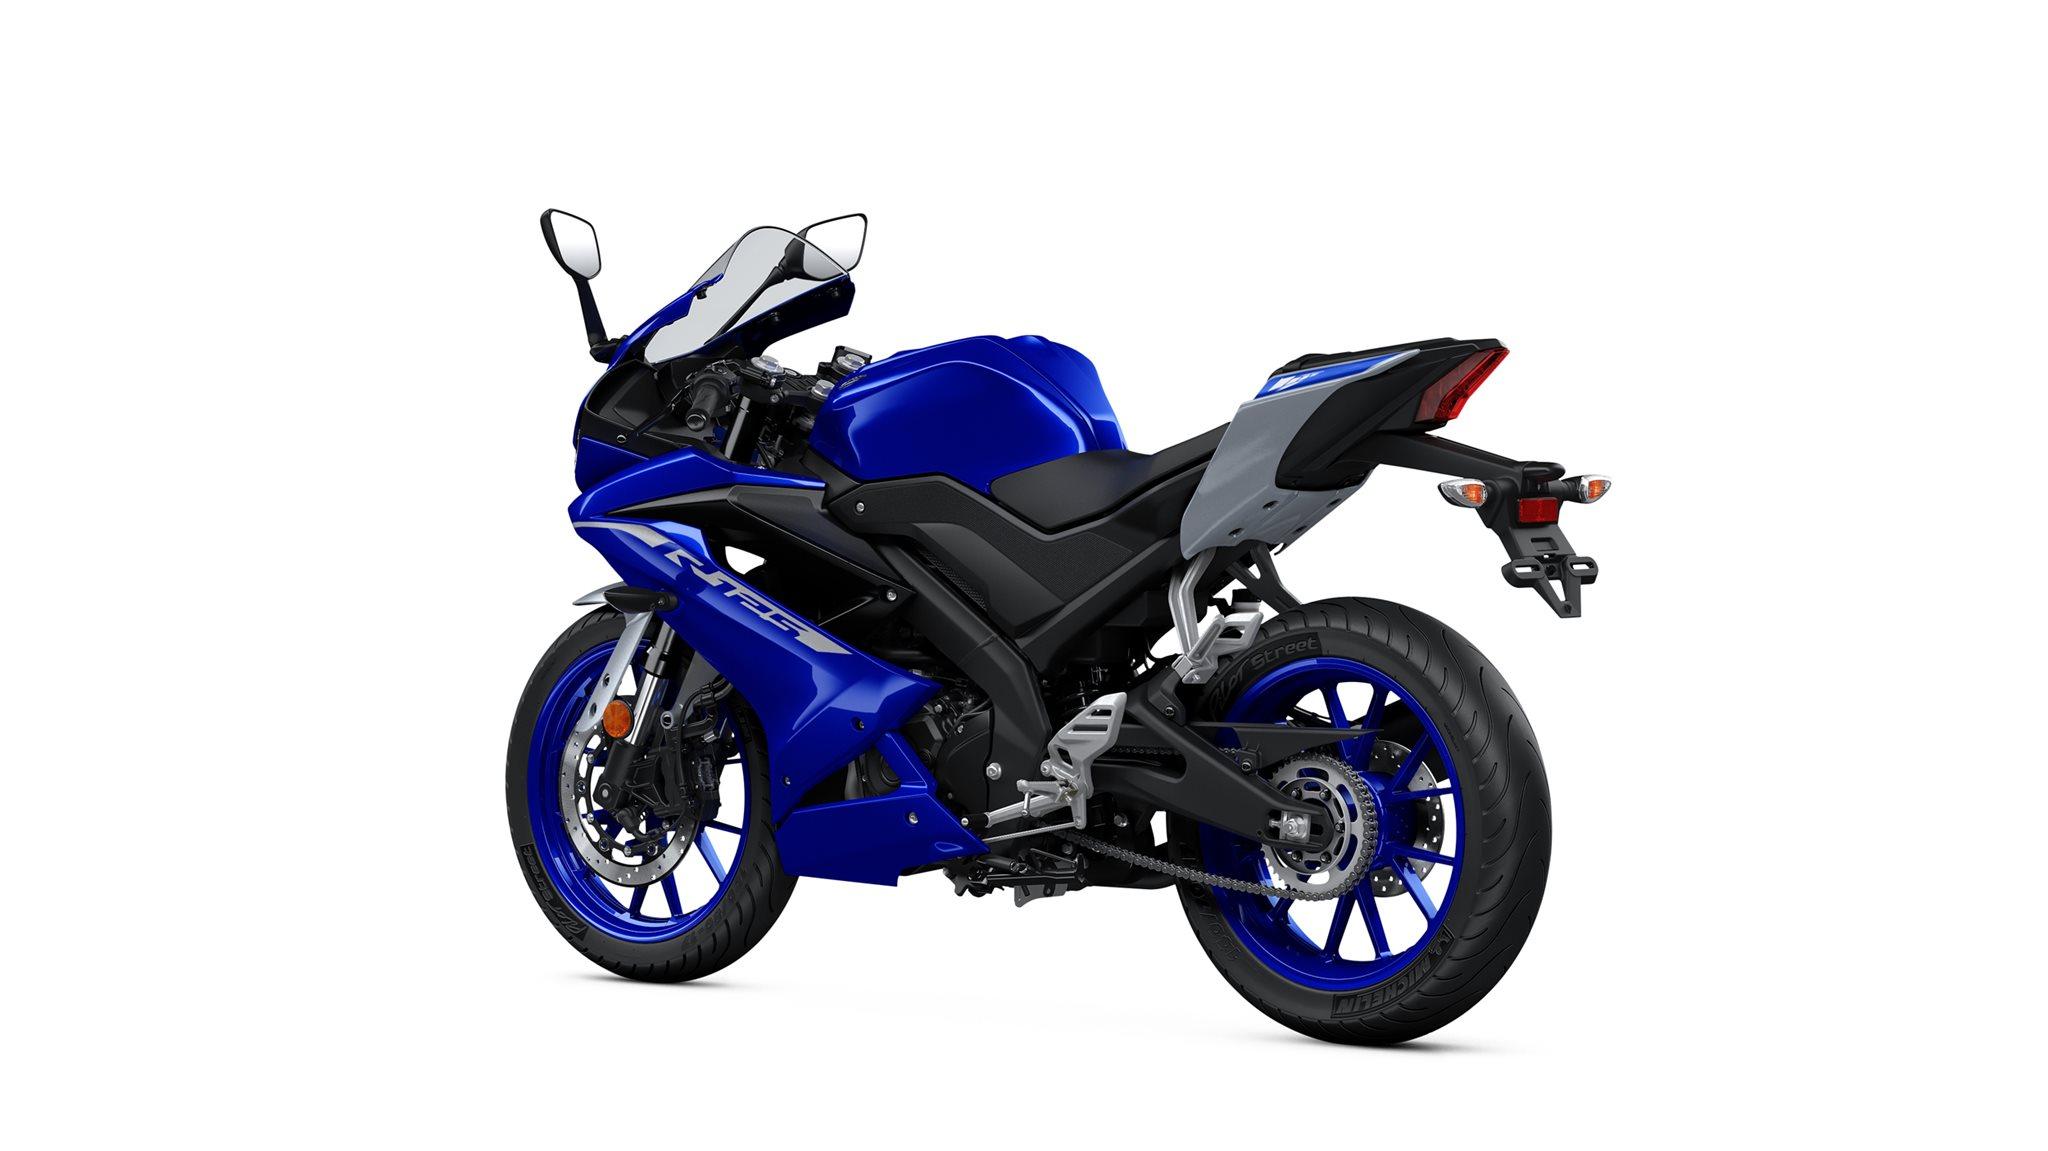 Yamaha Yzf R125 Gebraucht Kaufen